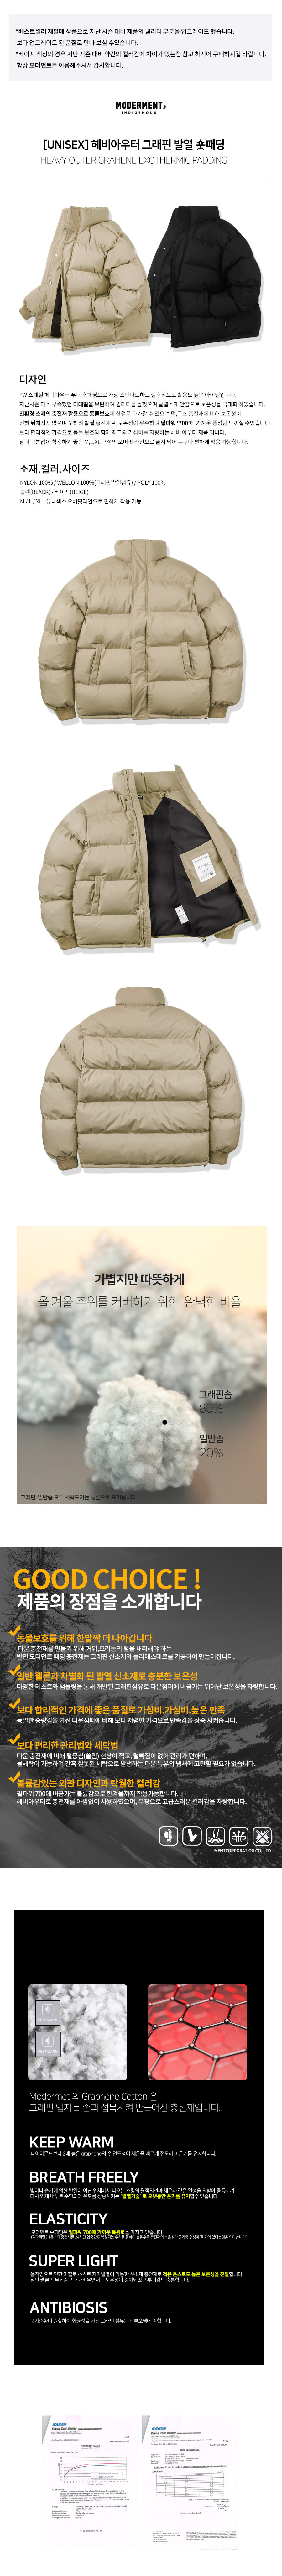 *(개발발열섬유) [UNISEX] 헤비아우터 그래핀 발열 숏패딩 (베이지)